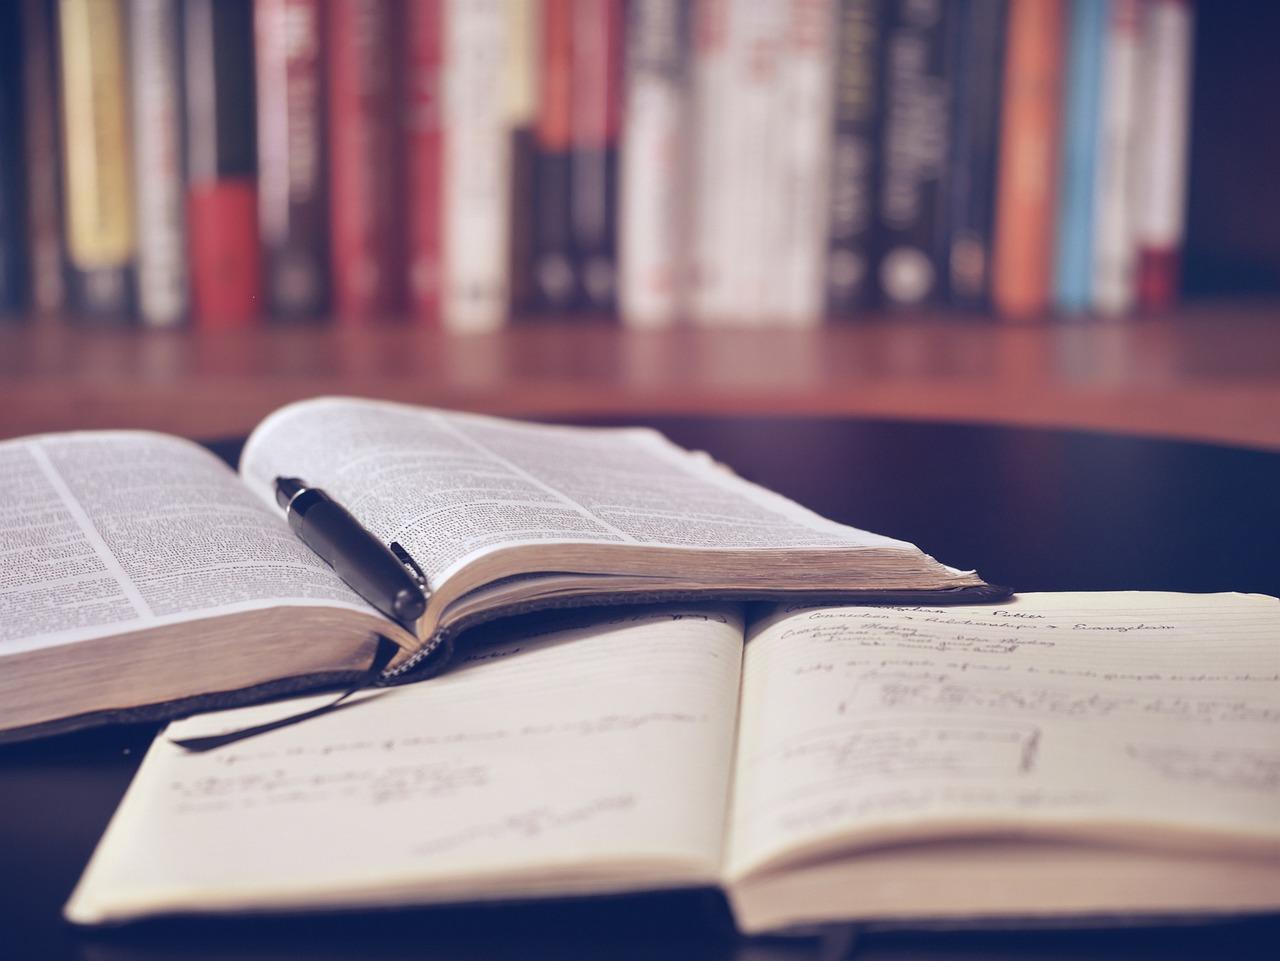 Школьникам могут выставить годовые оценки по итогам предыдущих четвертей